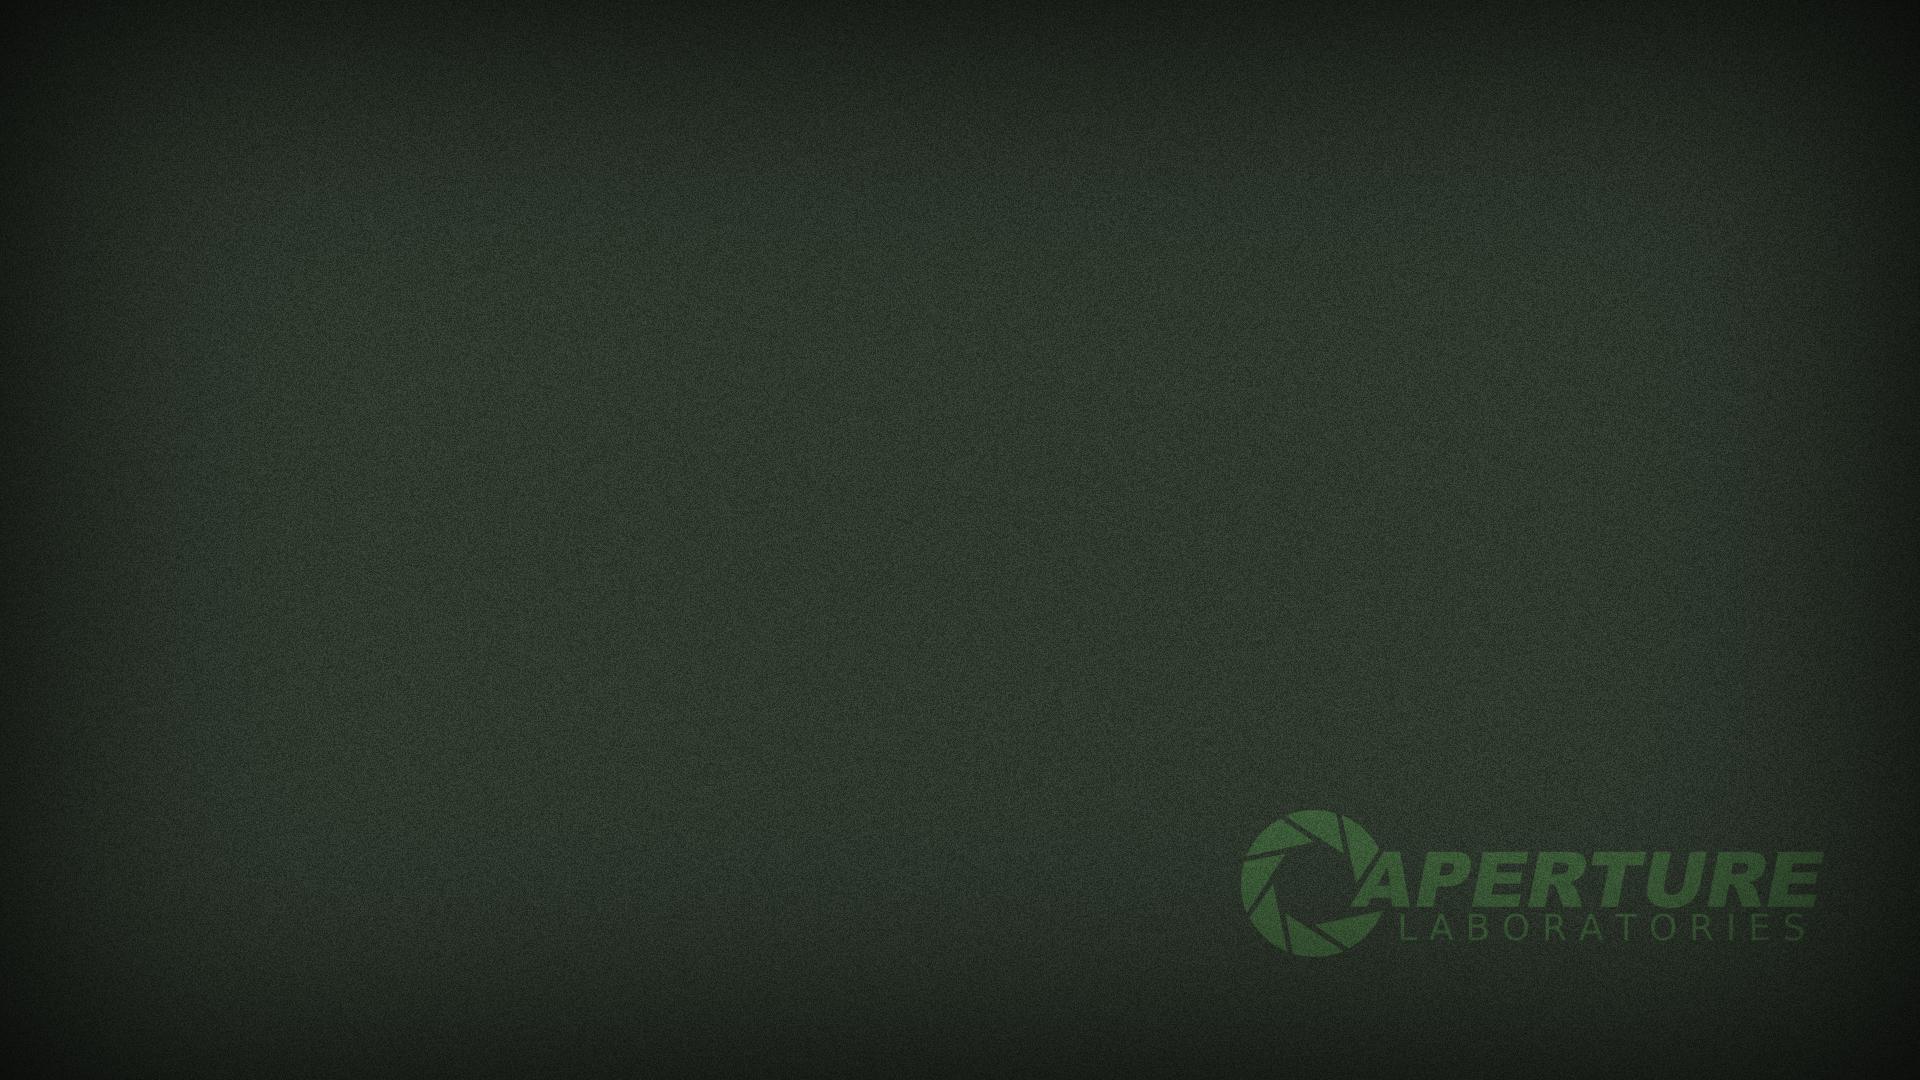 1920x1080px aperture science wallpaper - wallpapersafari